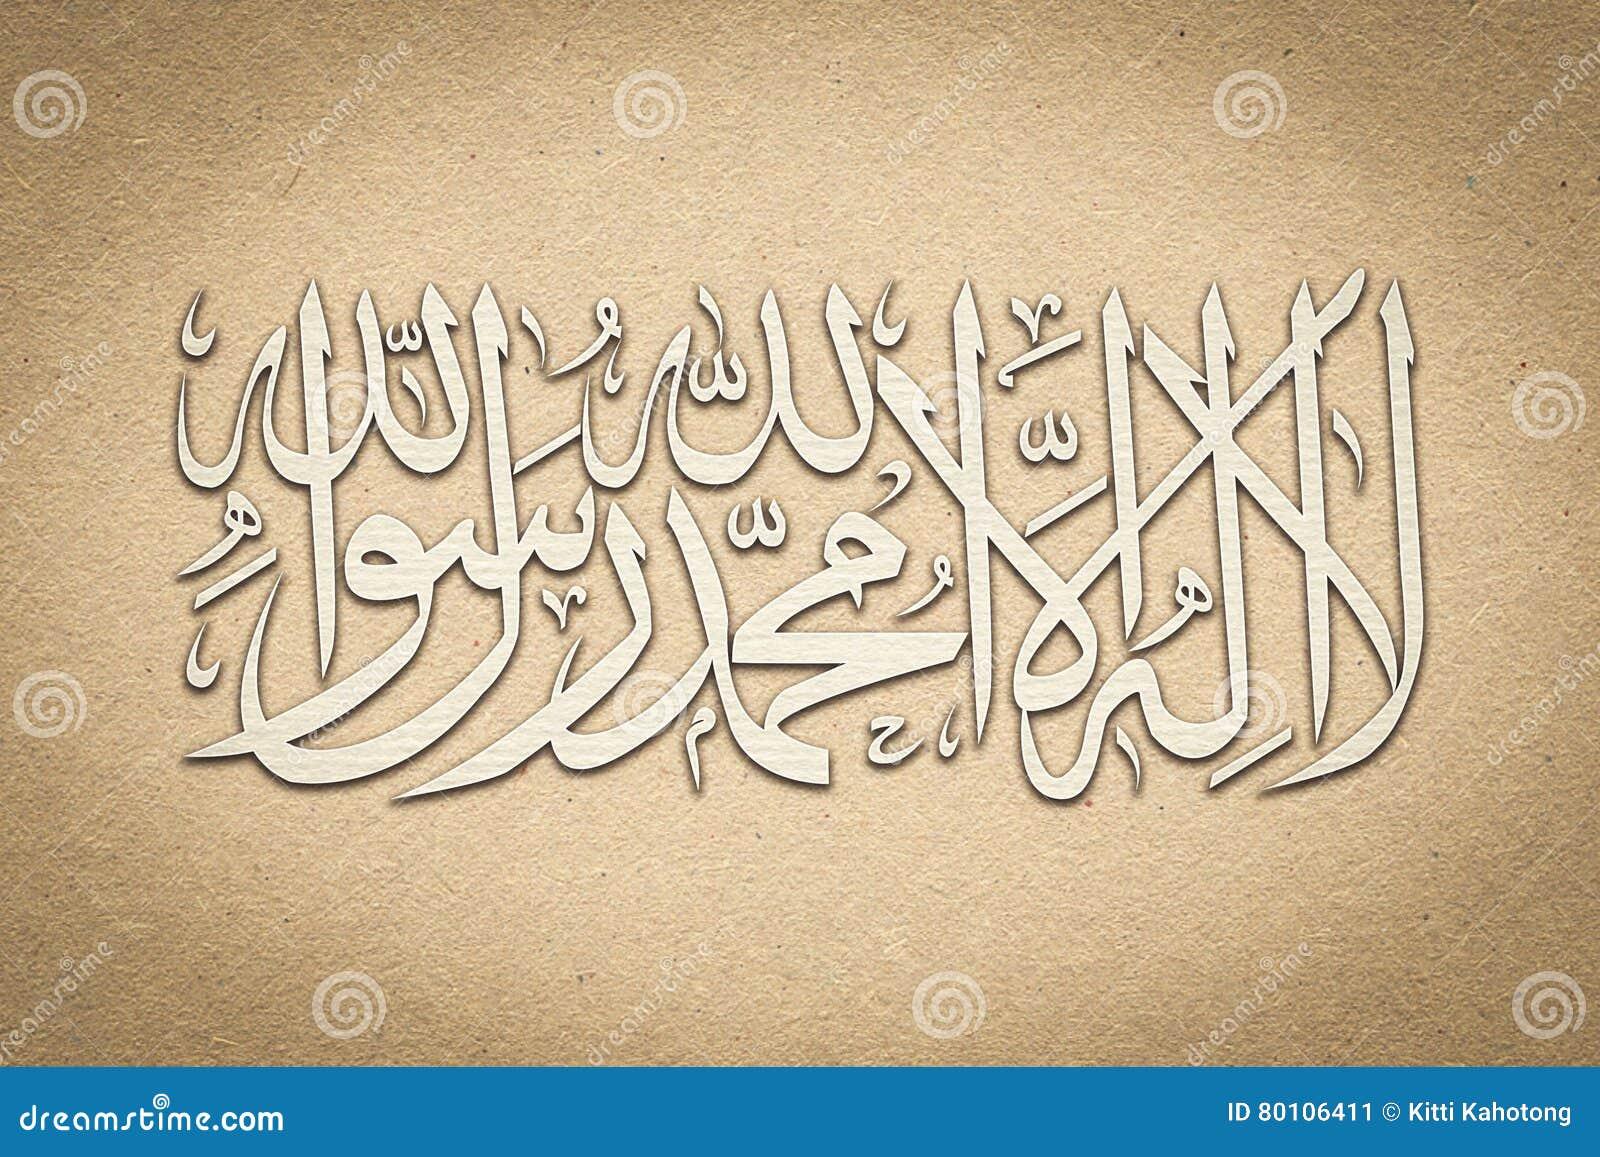 Arabic Calligraphy Translation Basmala In The Name Of